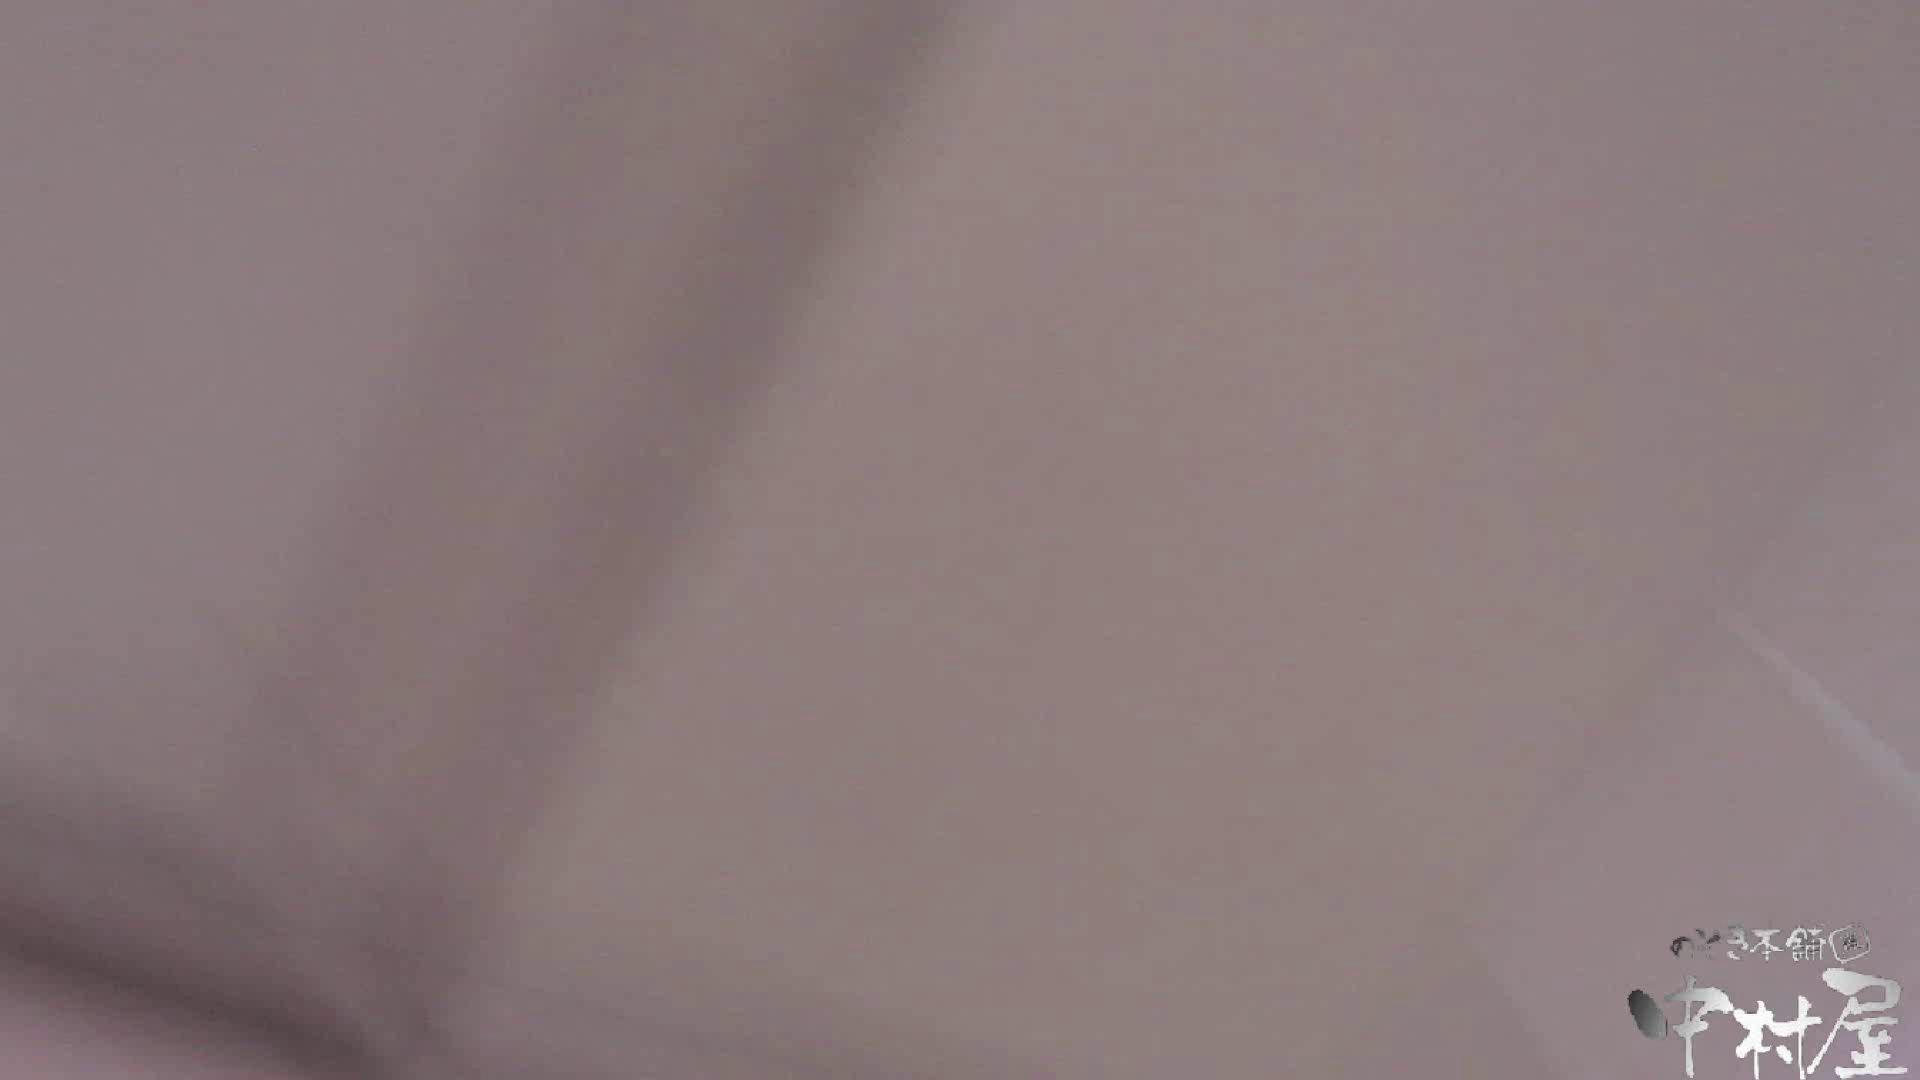 魂のかわや盗撮62連発! 丁寧にオシリをフキフキ! 38発目! 黄金水 | 盗撮特集  95画像 79